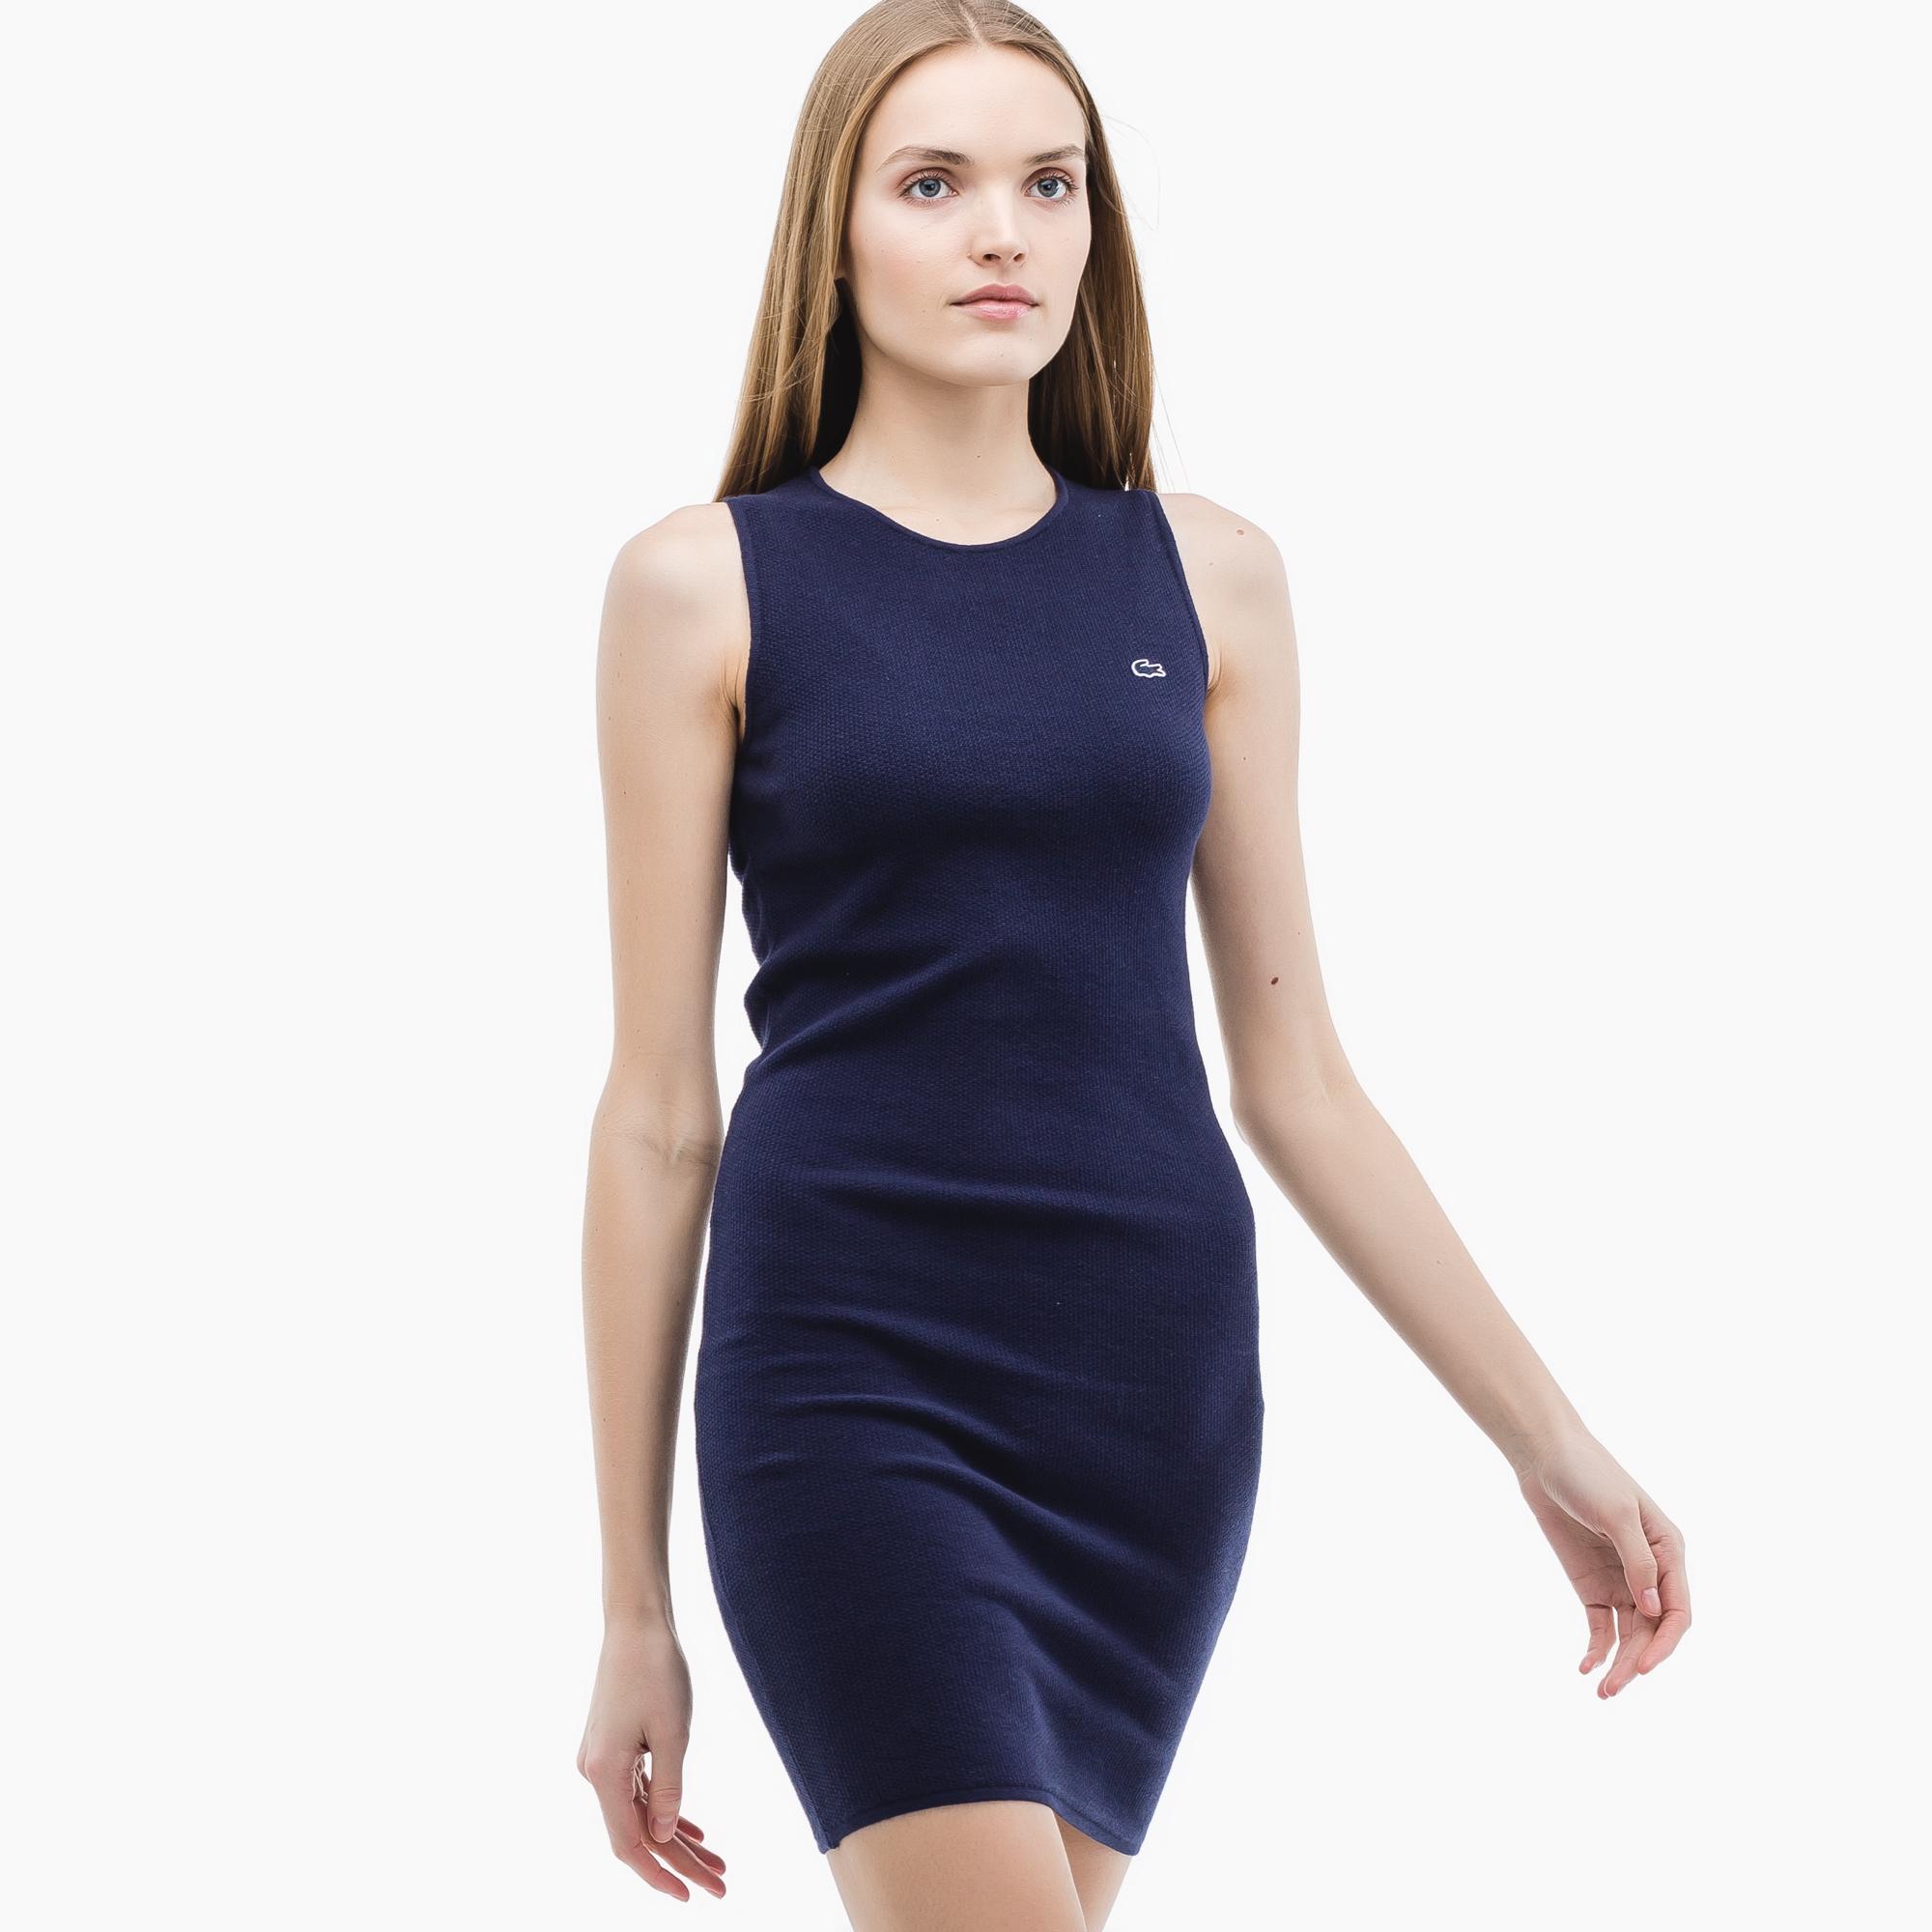 Фото 2 - Женское платье Lacoste синего цвета